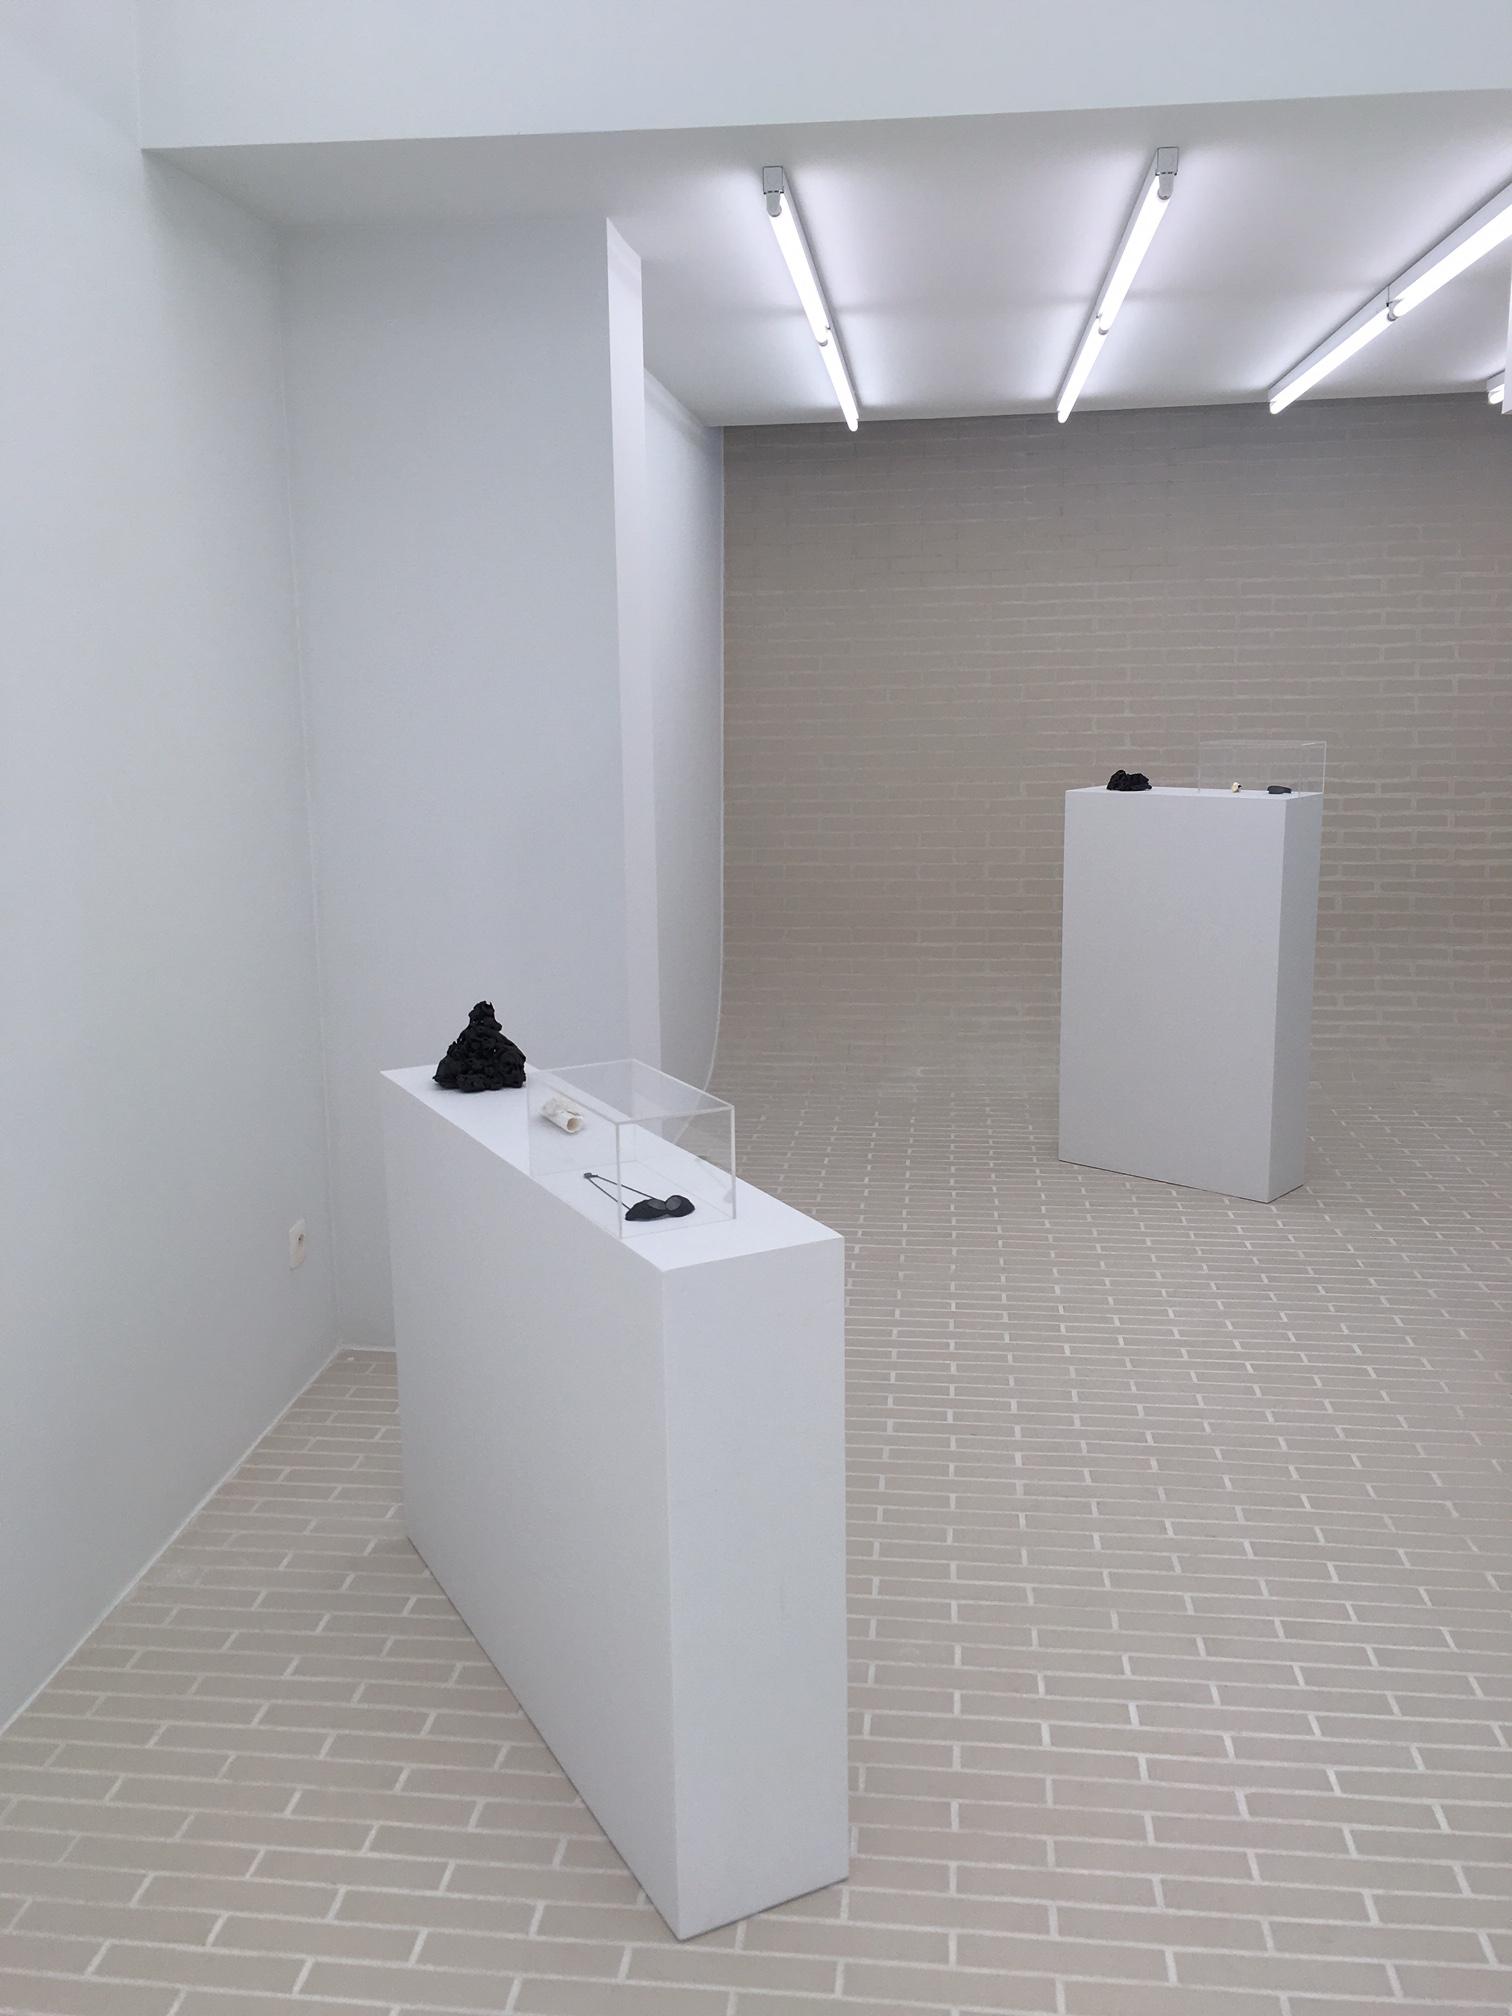 Galerie Beyond, Antwerpen, tentoonstelling, interieur